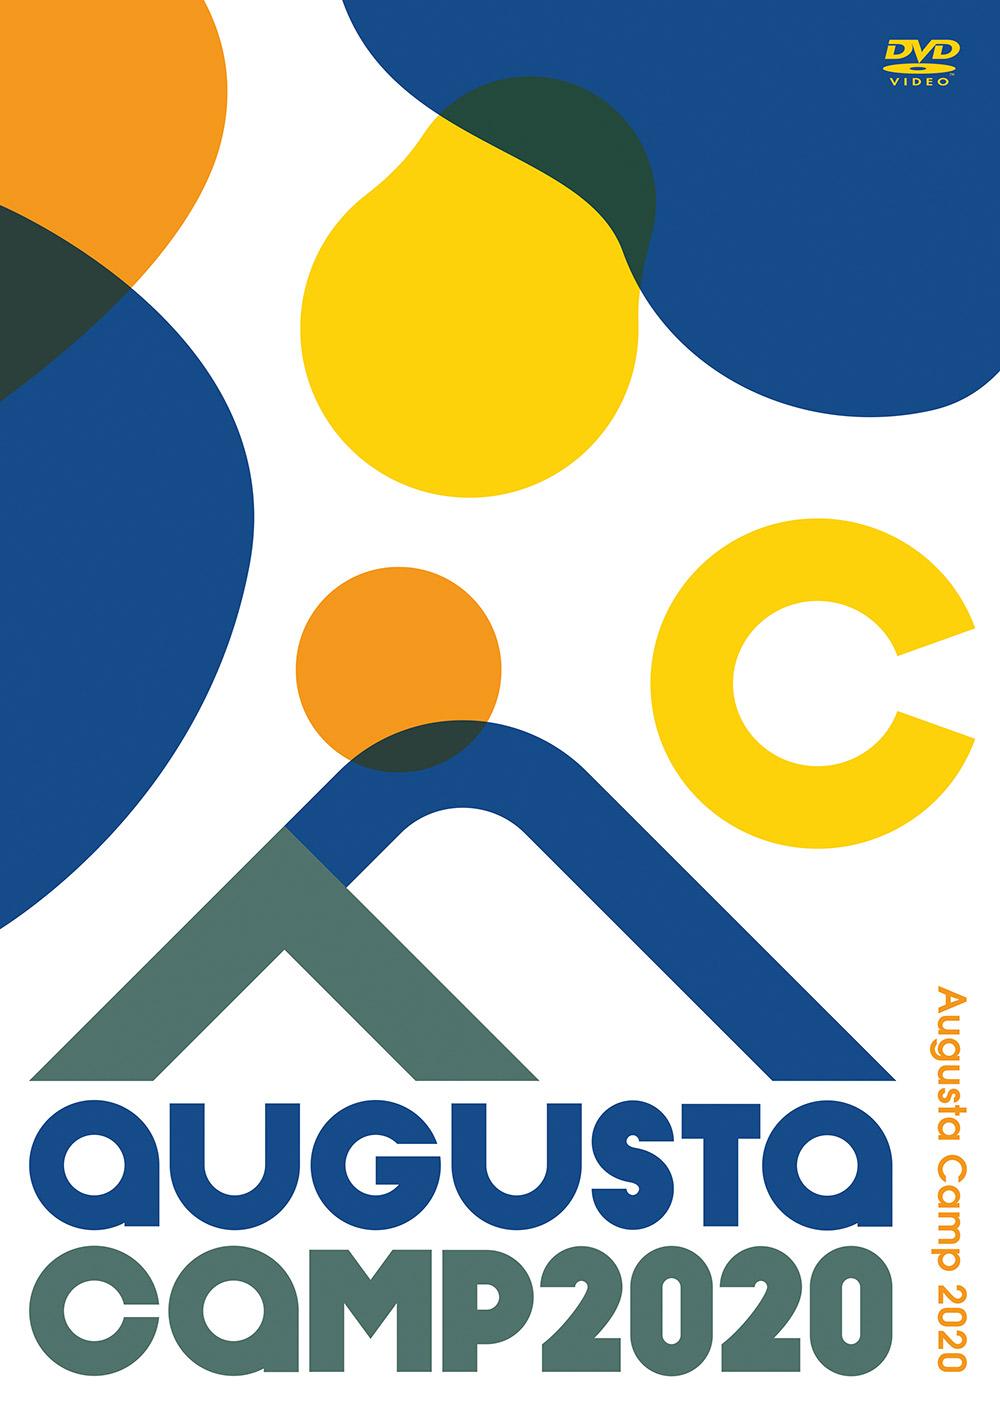 Augusta Camp 2020